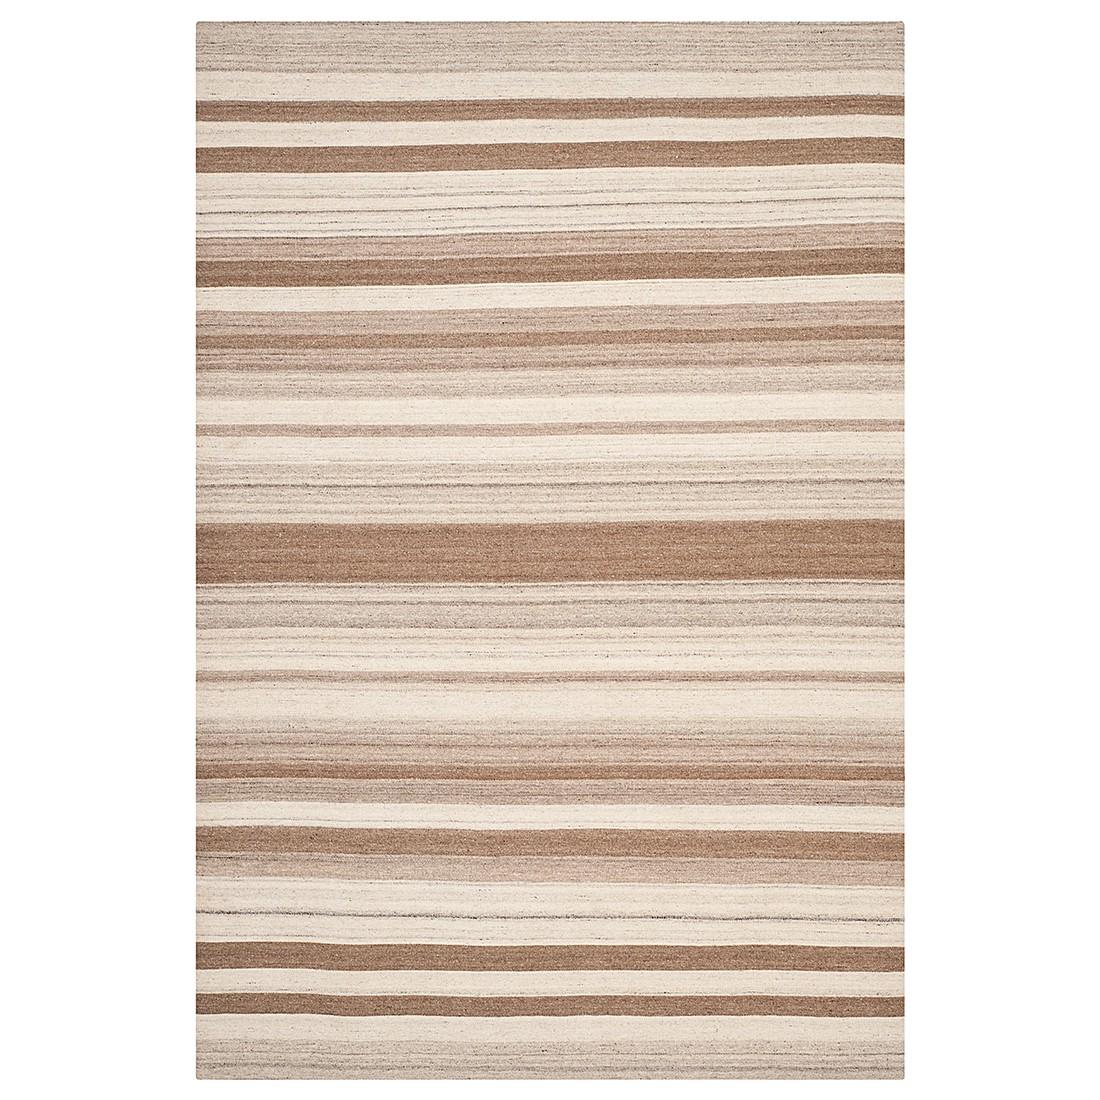 Teppich Loma – Beige/Braun – 92 x 153 cm, Safavieh jetzt bestellen